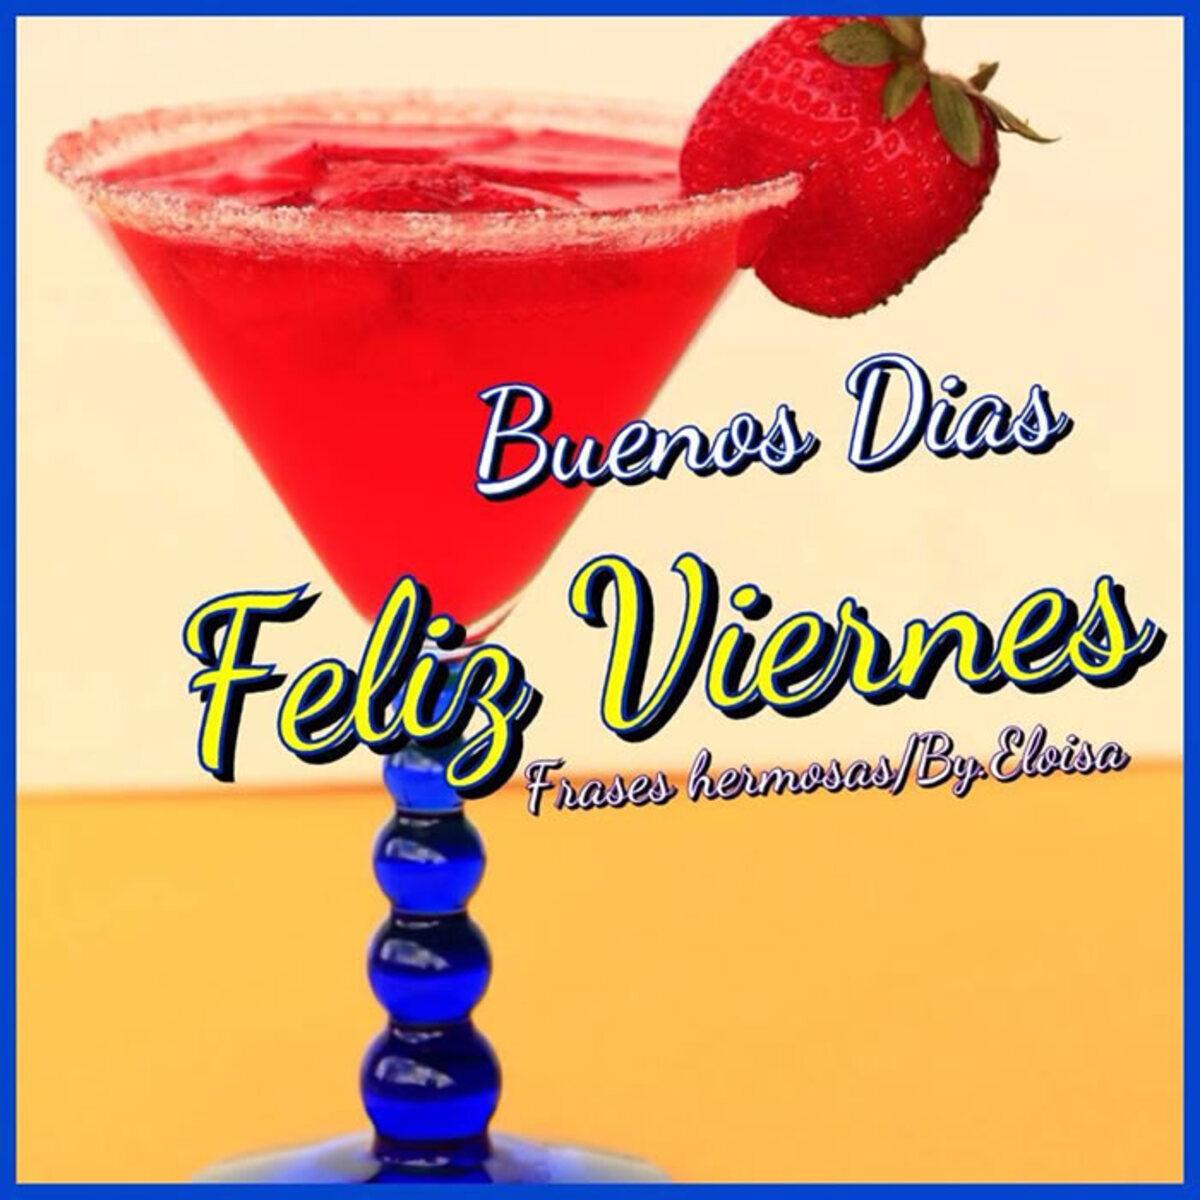 Buenos dias feliz viernes